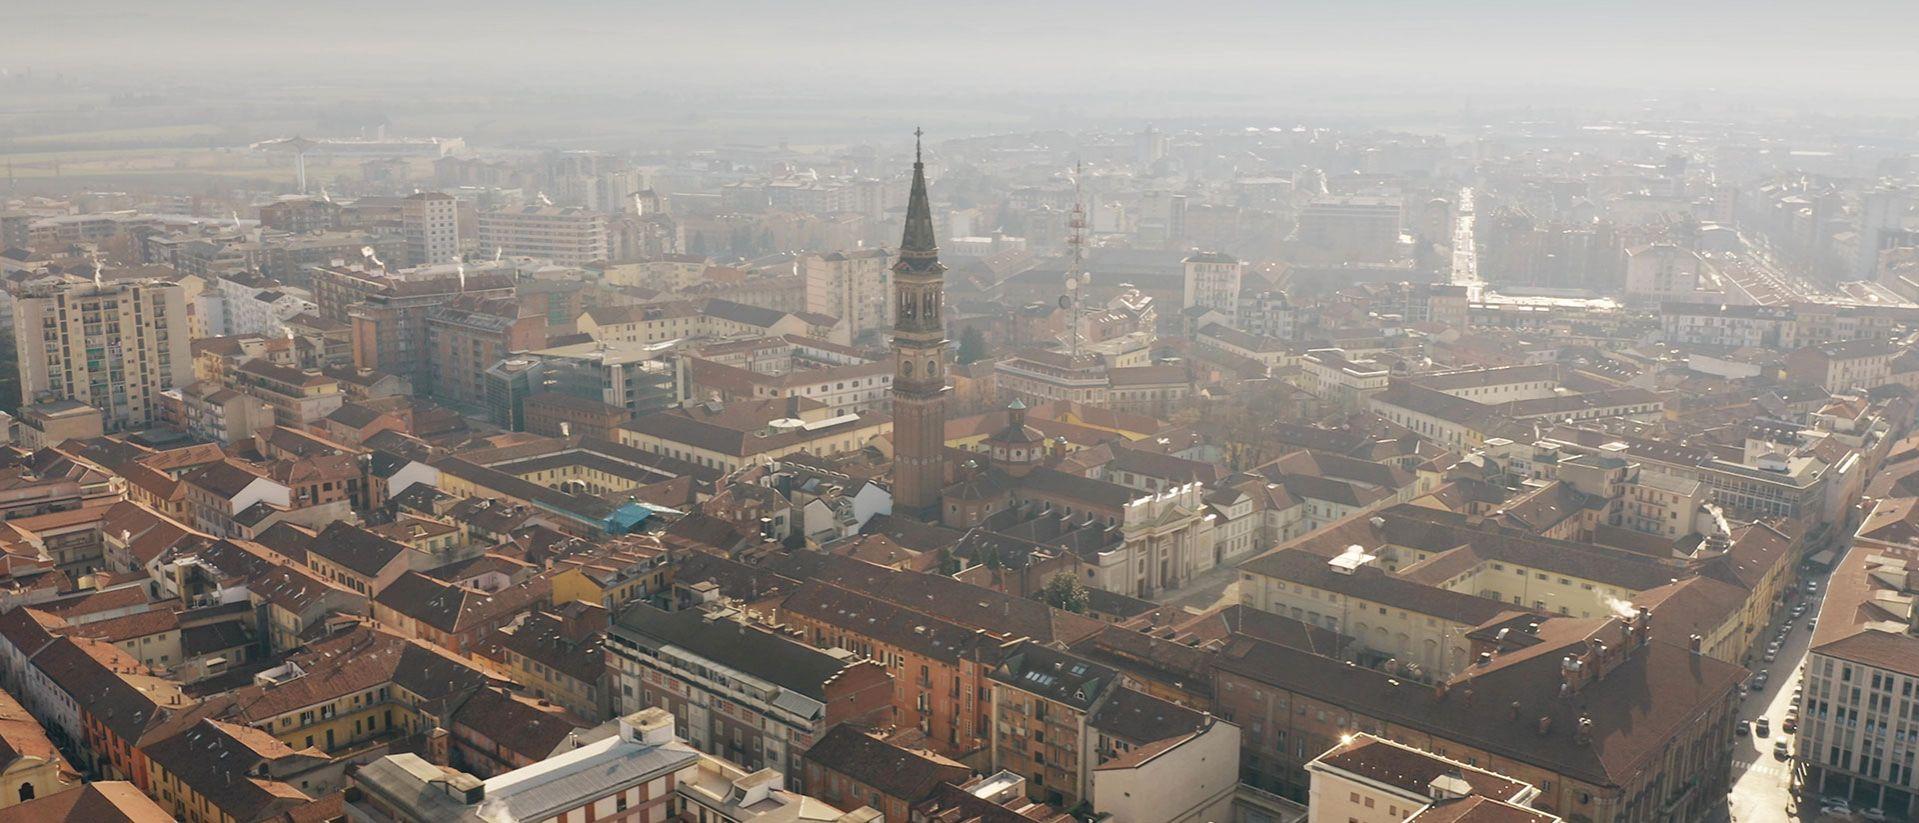 Zone ad alto smog: può salire dell'11% il rischio di morte da Covid-19